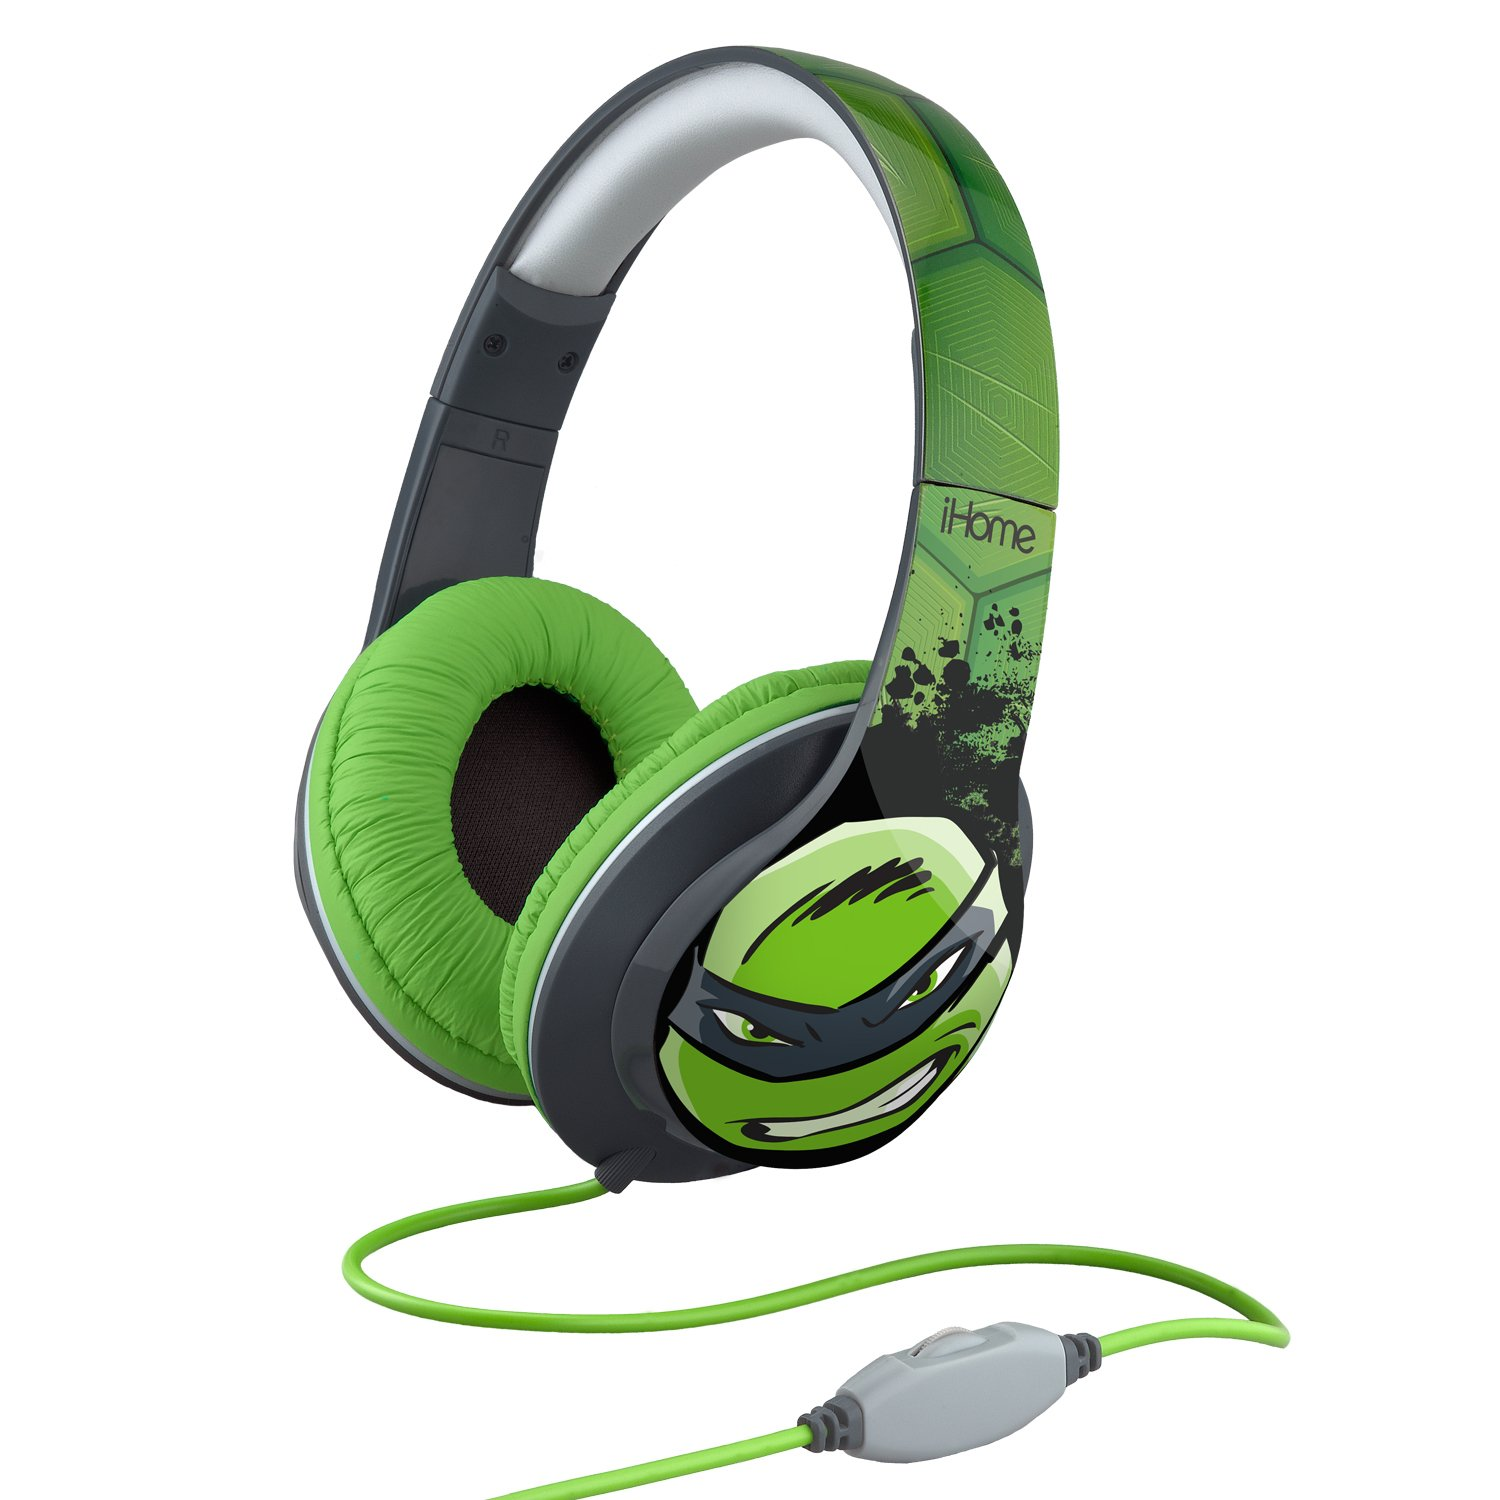 Teenage Mutant Ninja Turtles Over-The-Ear Headphones with Volume Control, Ni-M40TM